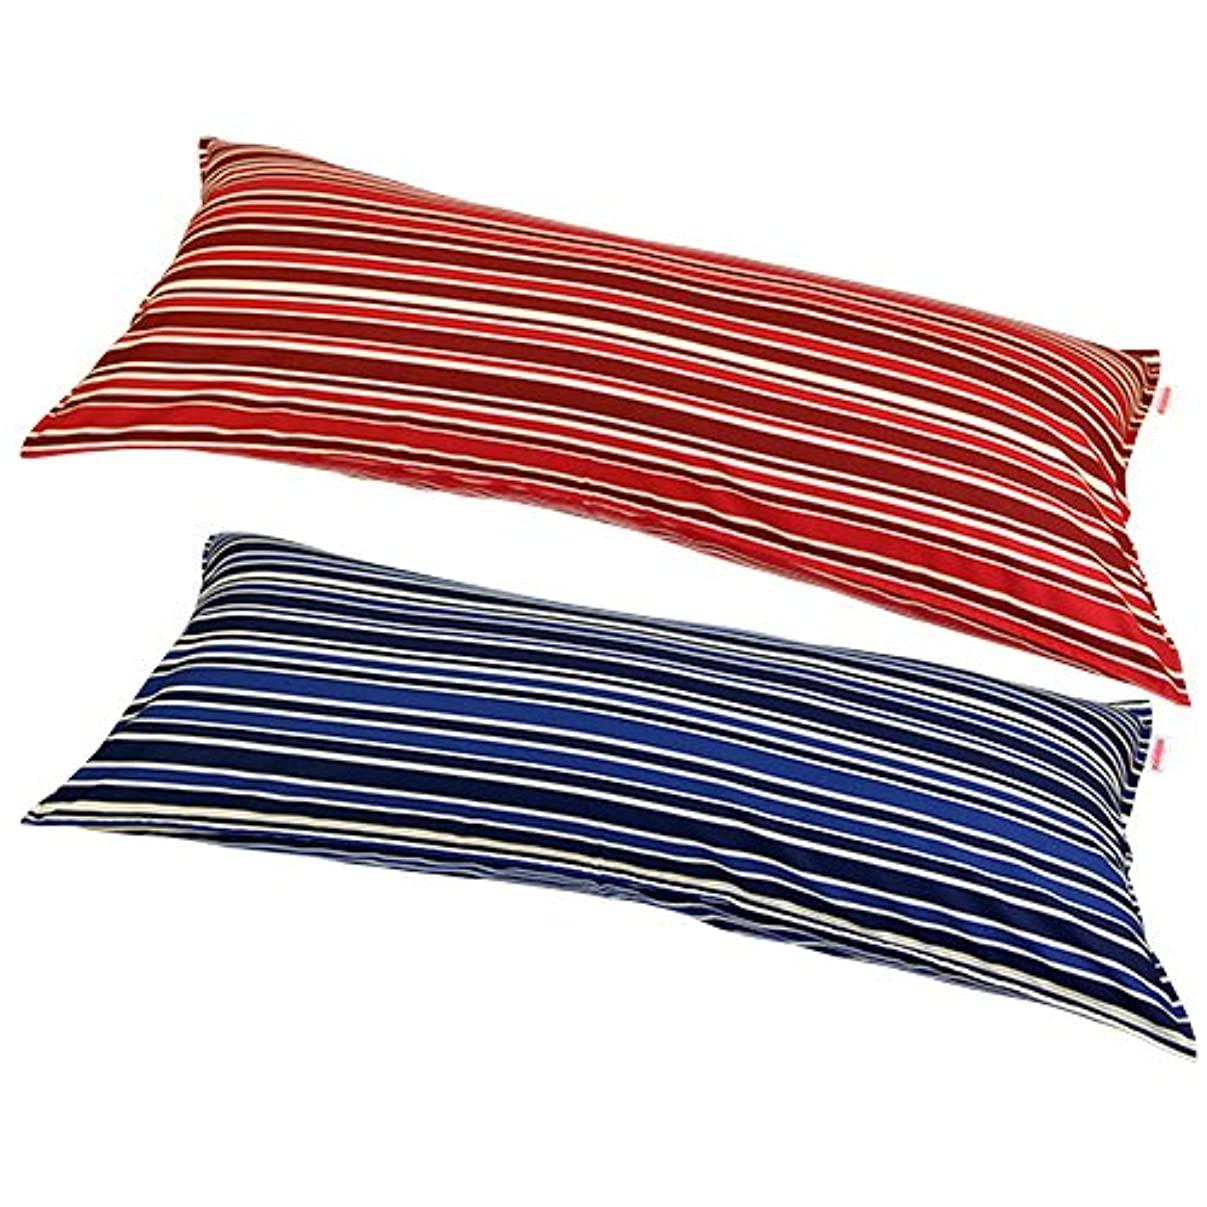 こっそり七時半近代化枕カバー 45×110cmの枕用 トリノストライプ ステッチ仕上げ 安心の日本製 ブルー